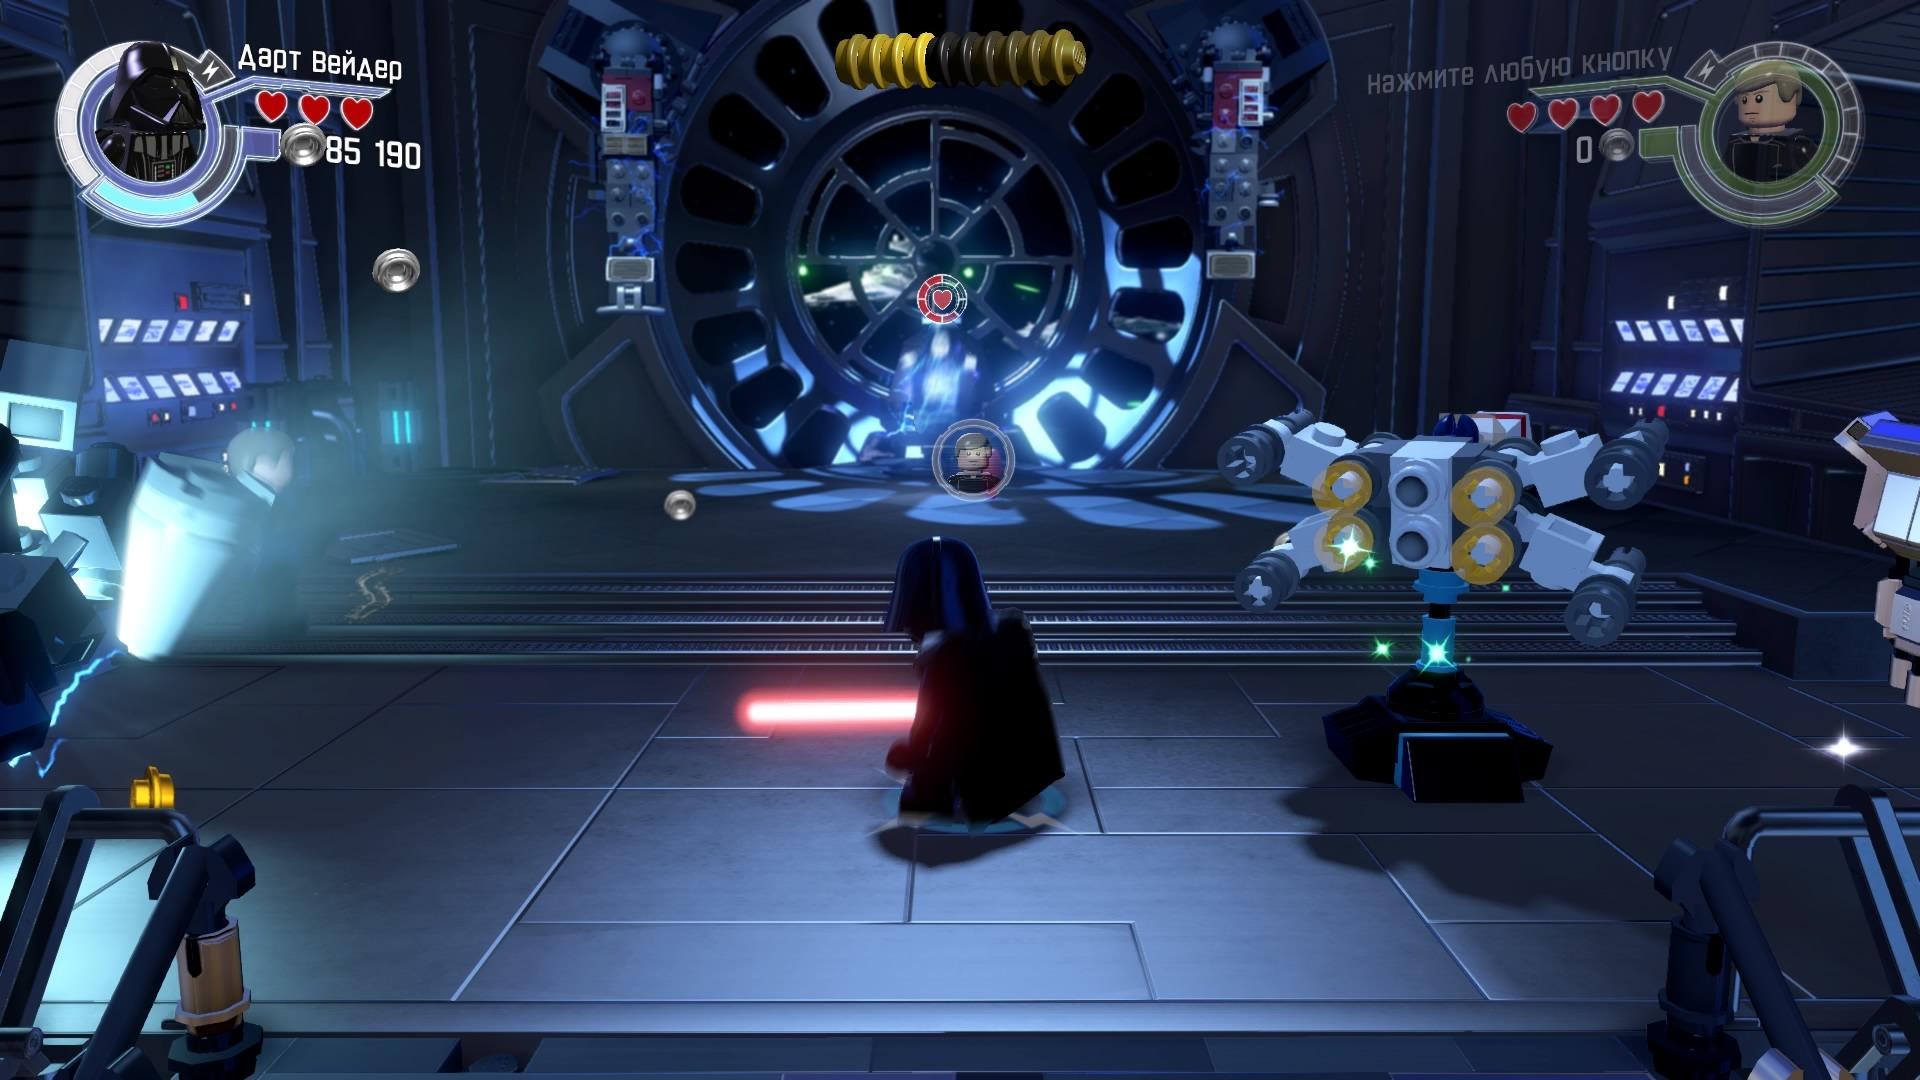 Звездные войны игра как пройти мостостроители игра том и джерри